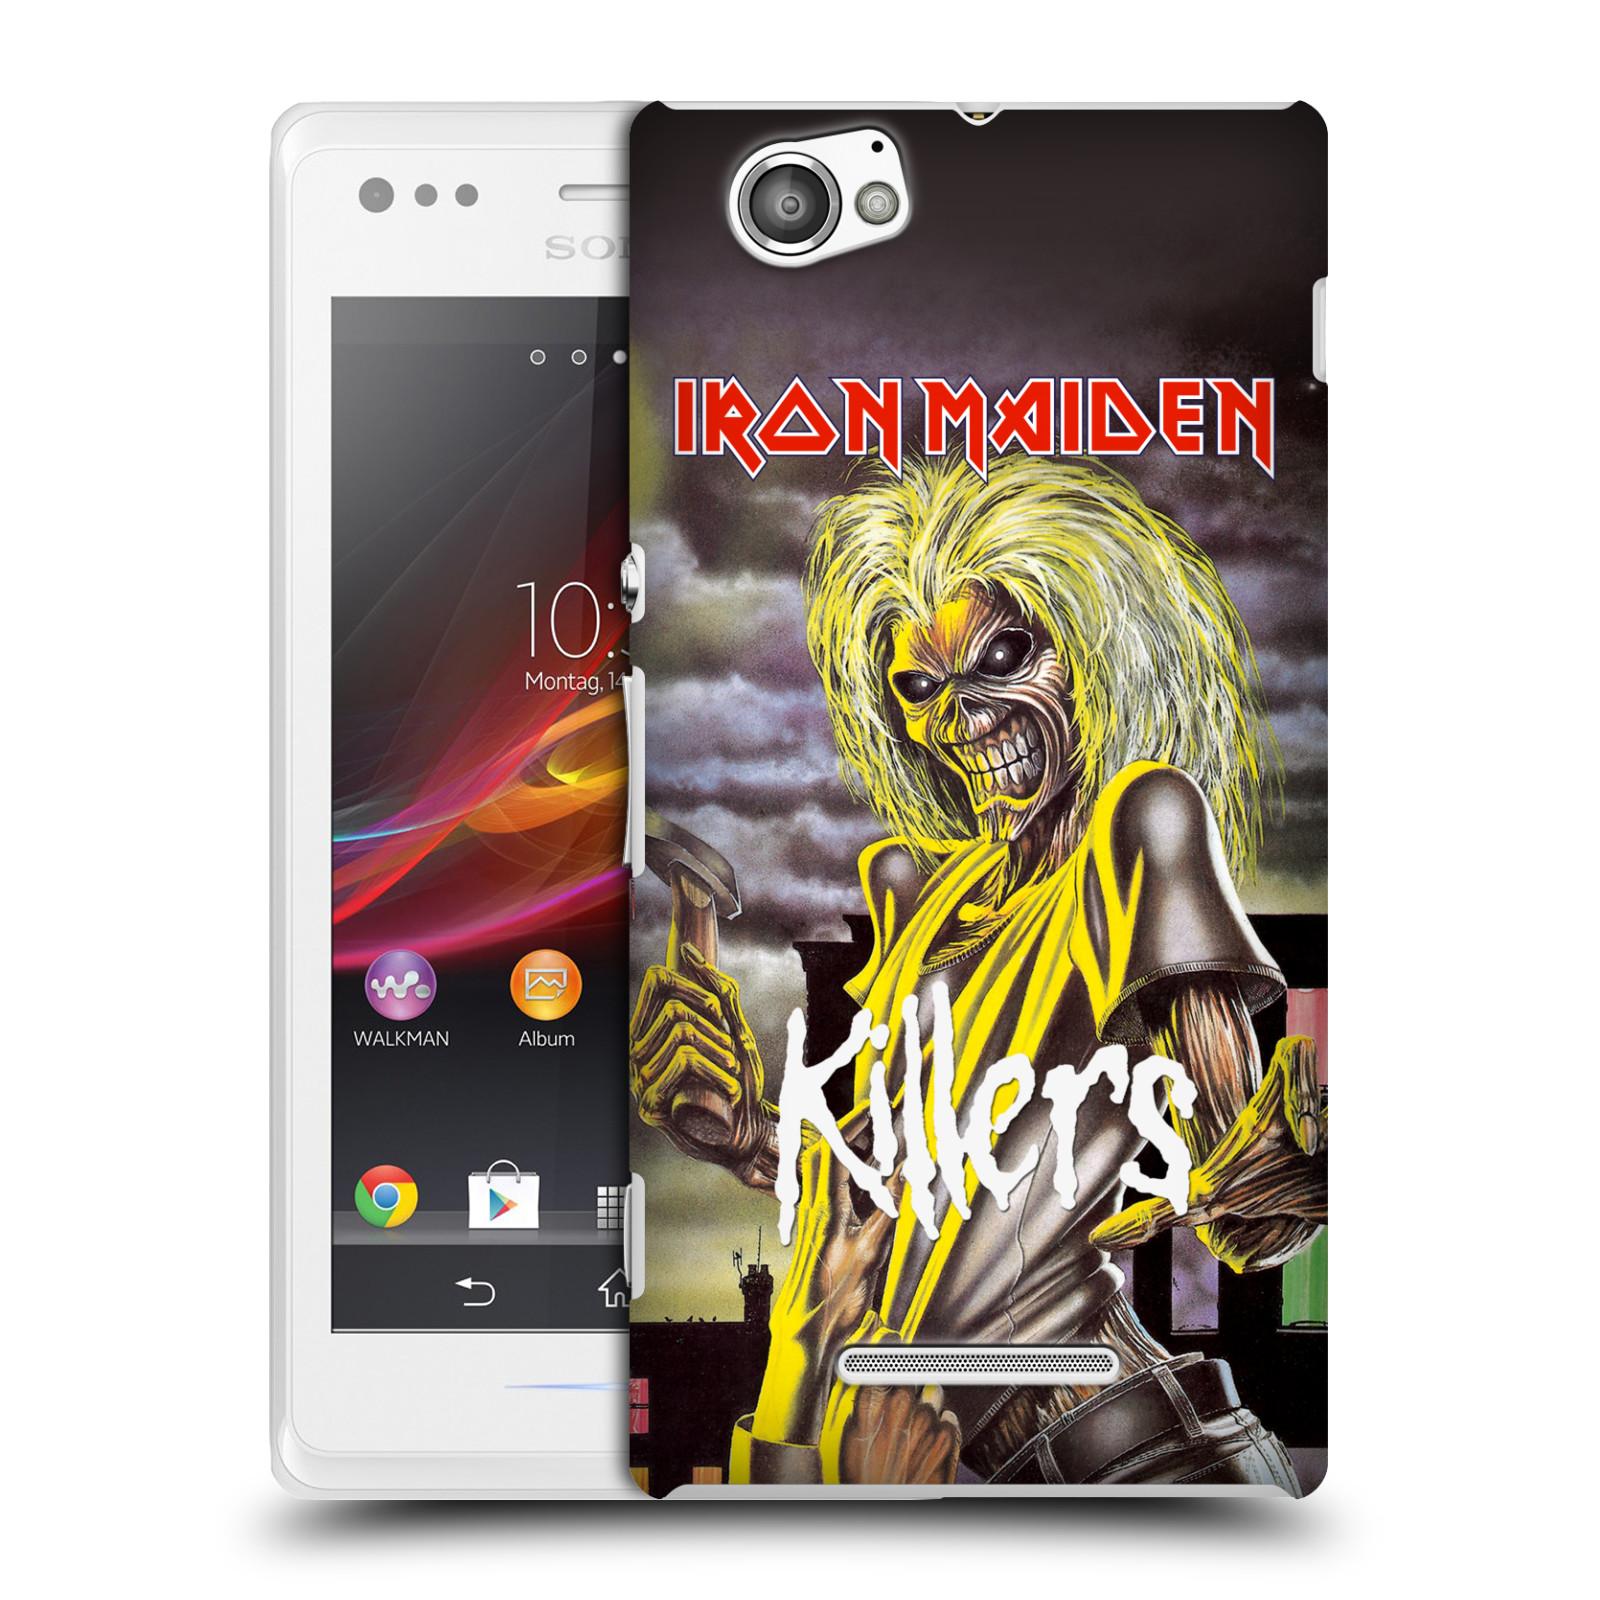 Plastové pouzdro na mobil Sony Xperia M C1905 HEAD CASE - Iron Maiden - Killers (Plastový kryt či obal na mobilní telefon s licencovaným motivem Iron Maiden Sony Xperia M )